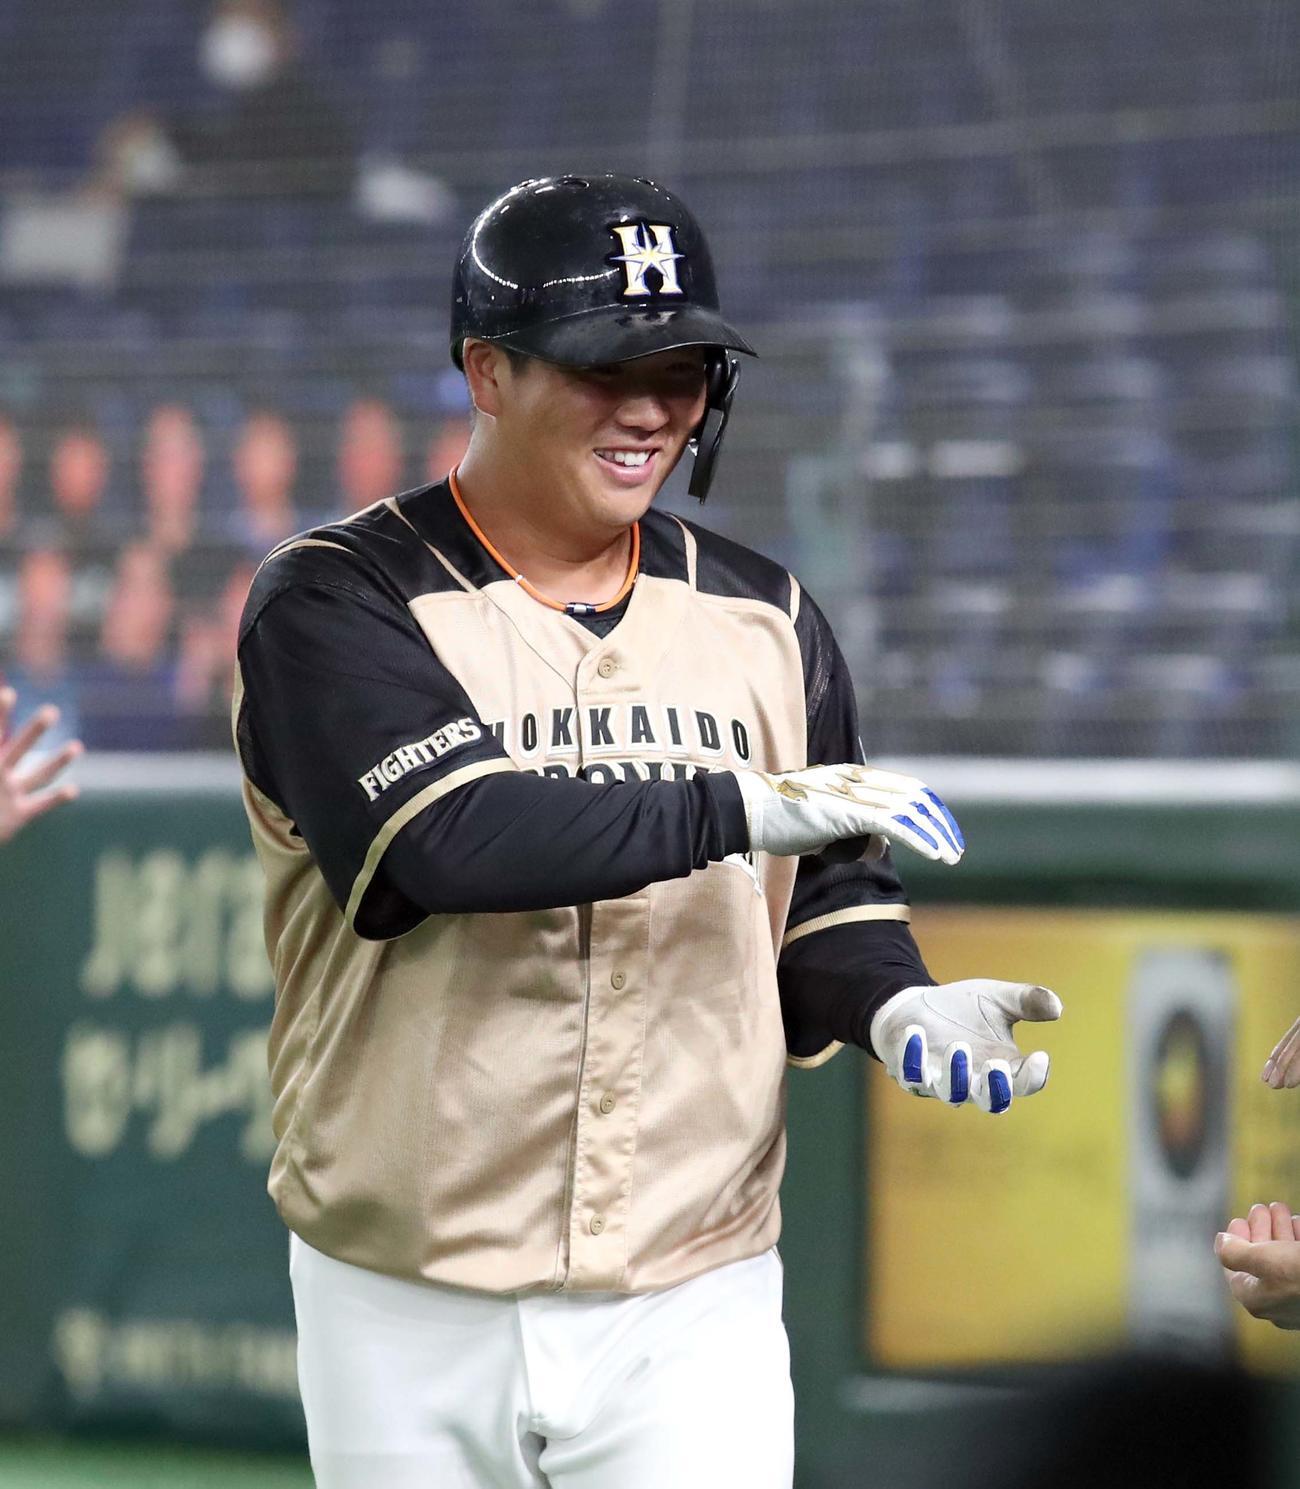 巨人対日本ハム 6回表日本ハム1死二塁、横尾は逆転となる2点本塁打を放ちおにぎりポーズを見せる(撮影・佐藤翔太)